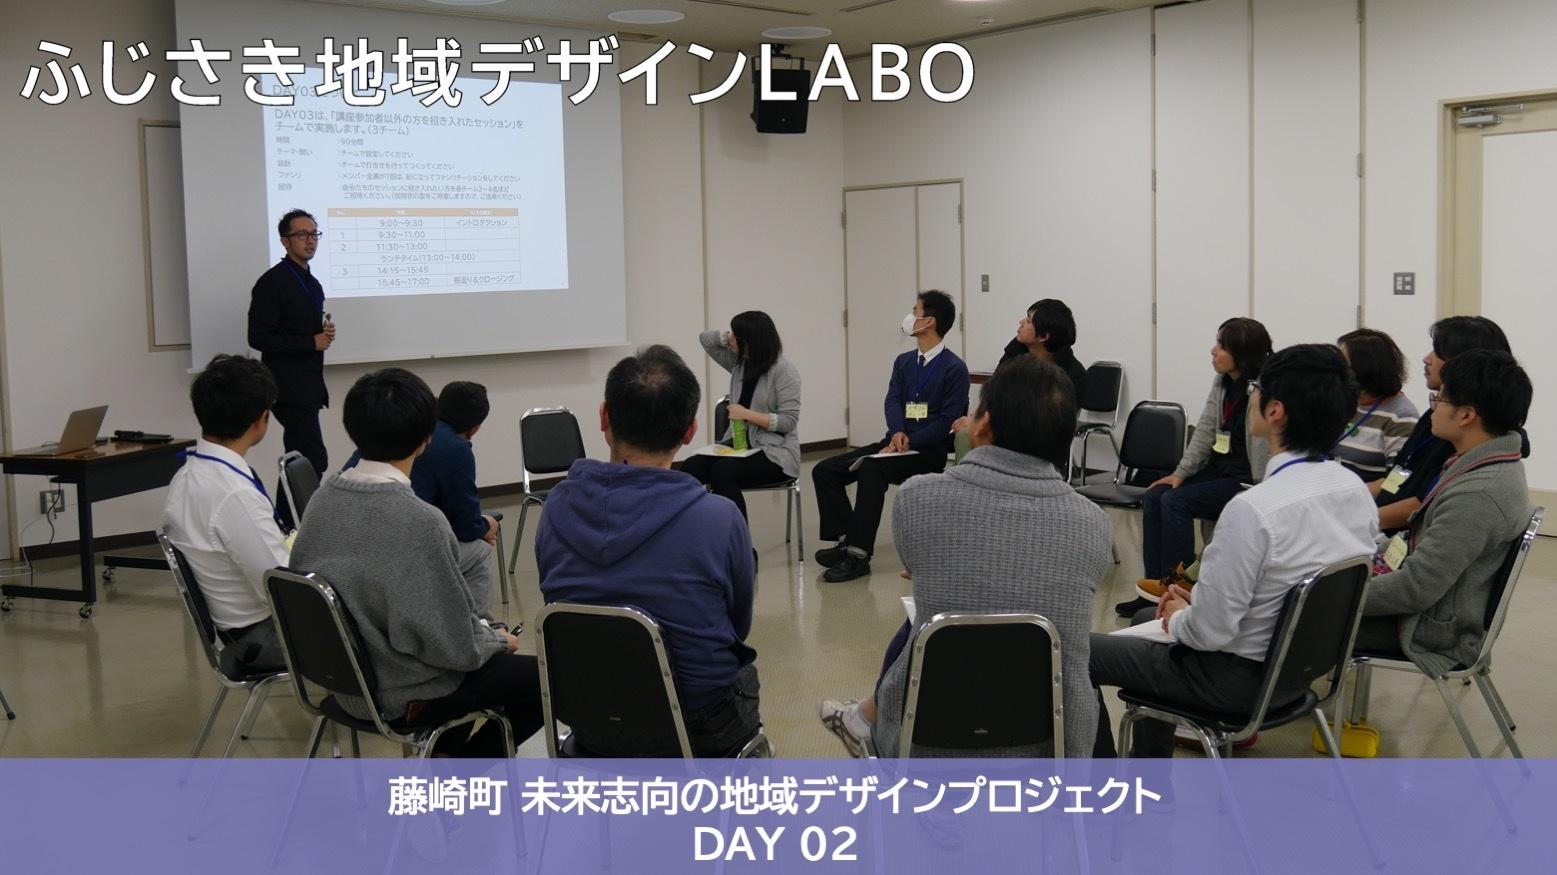 【藤崎町 未来志向の地域デザインプロジェクト 2019】ファシリテーター講座 DAY02